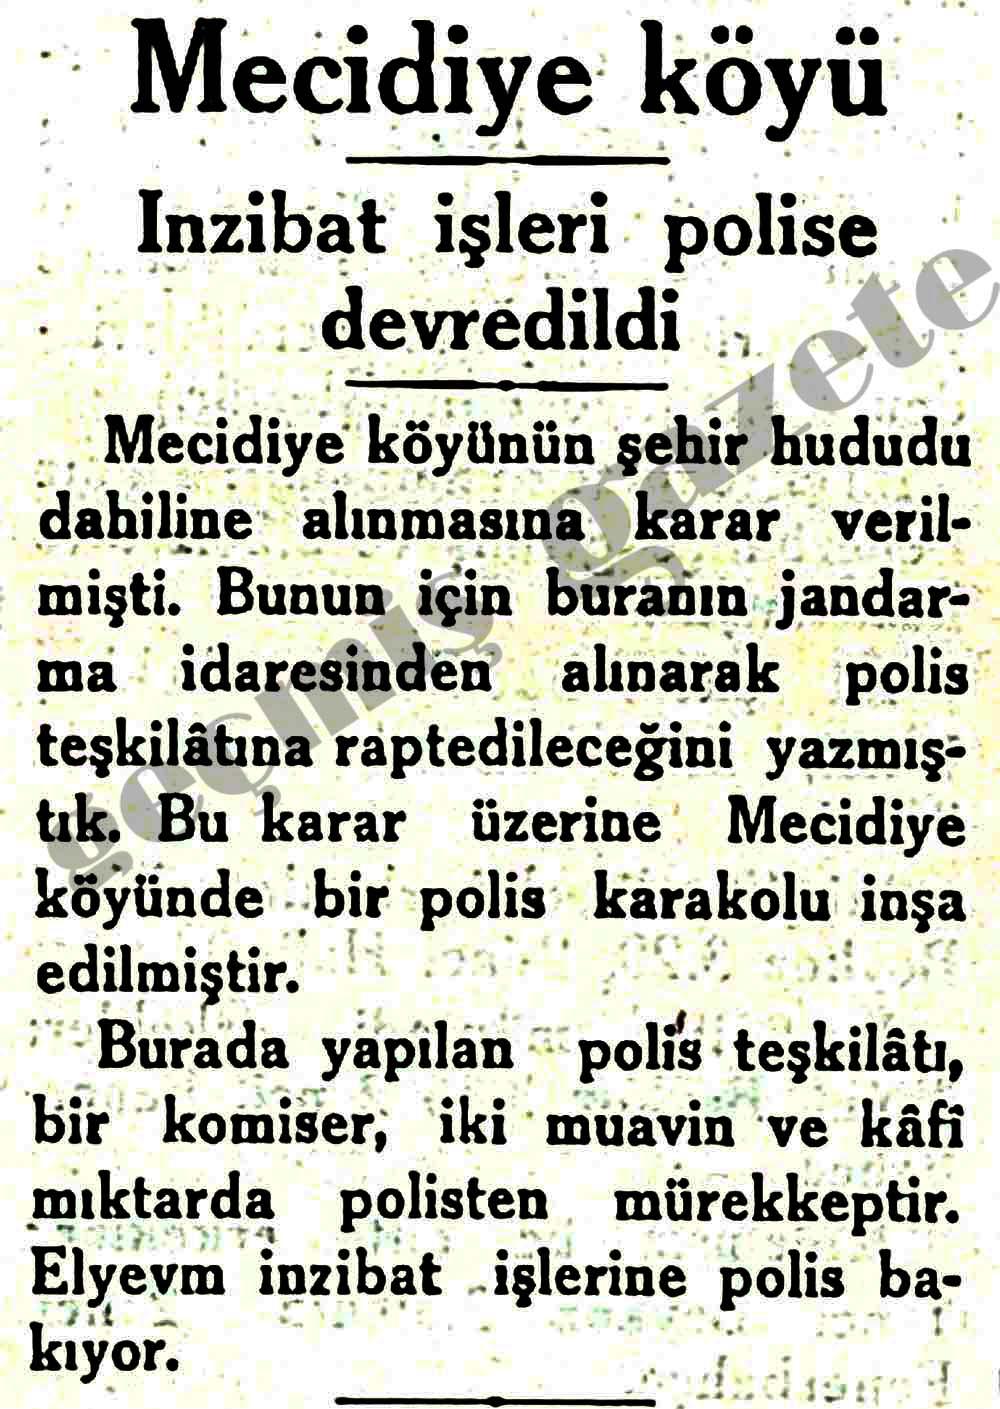 Mecidiye köyü inzibat işleri polise devredildi